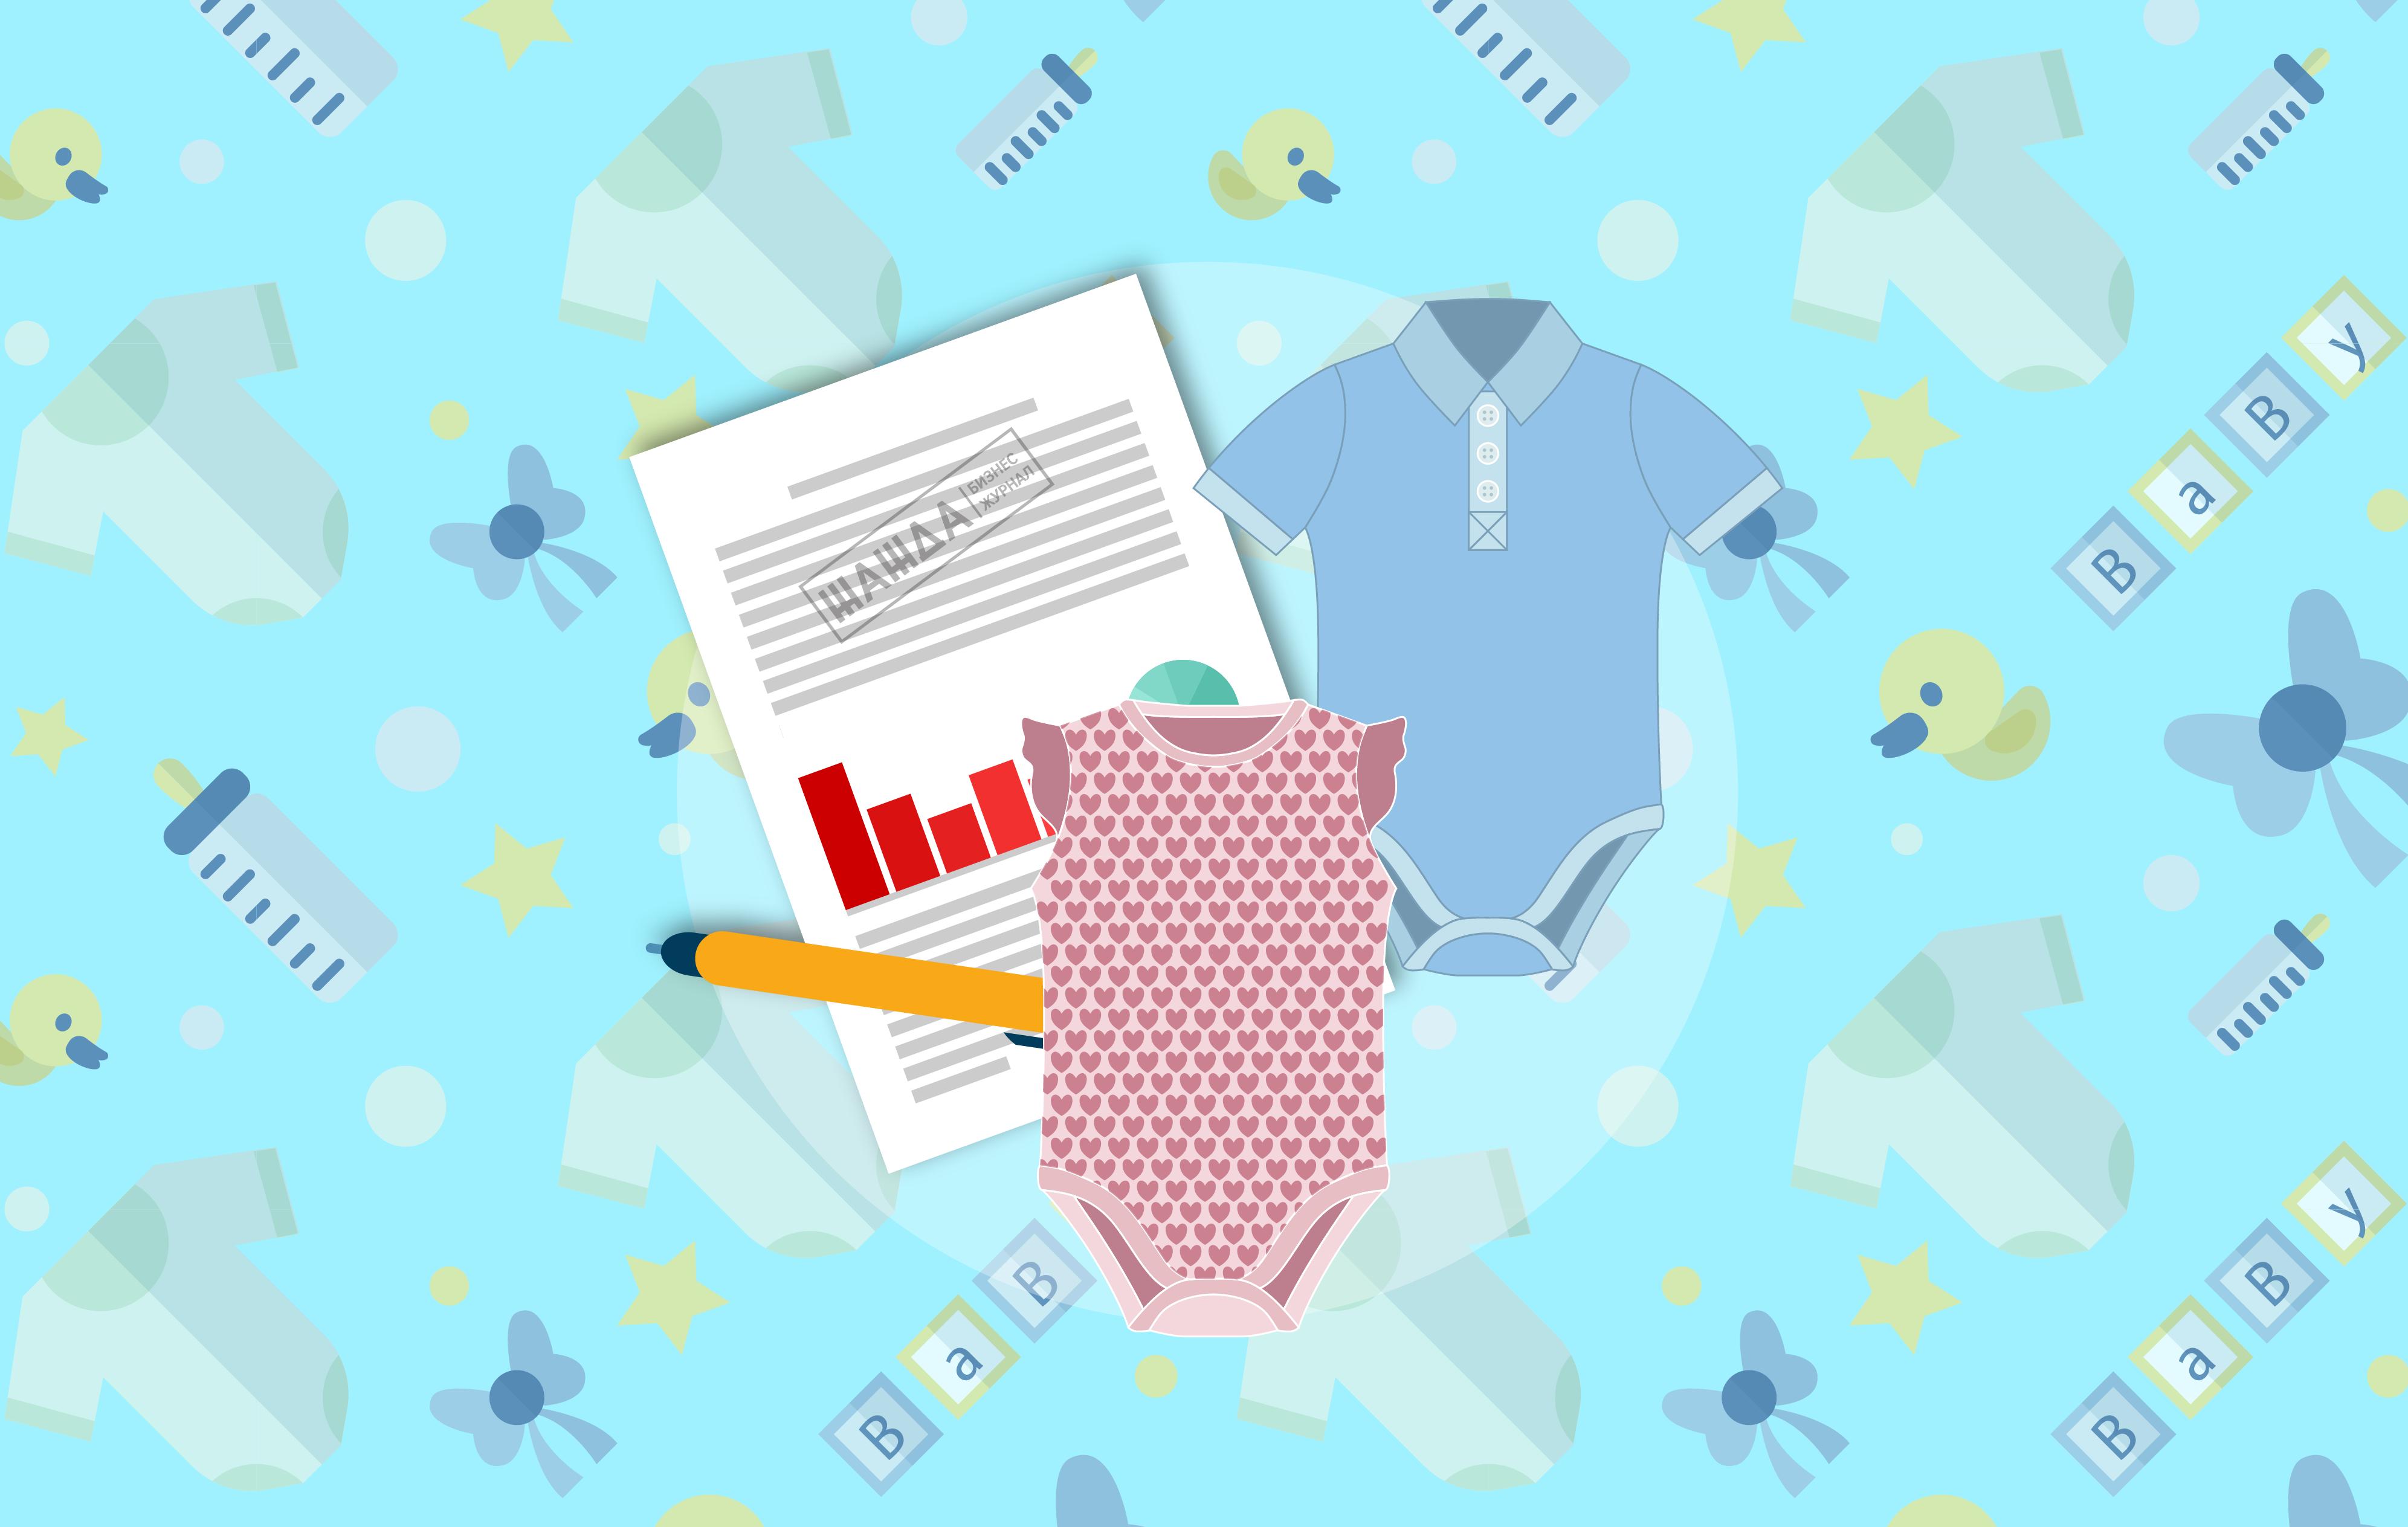 Пошив одежды регистрация ип отправка отчетности с электронной подписью